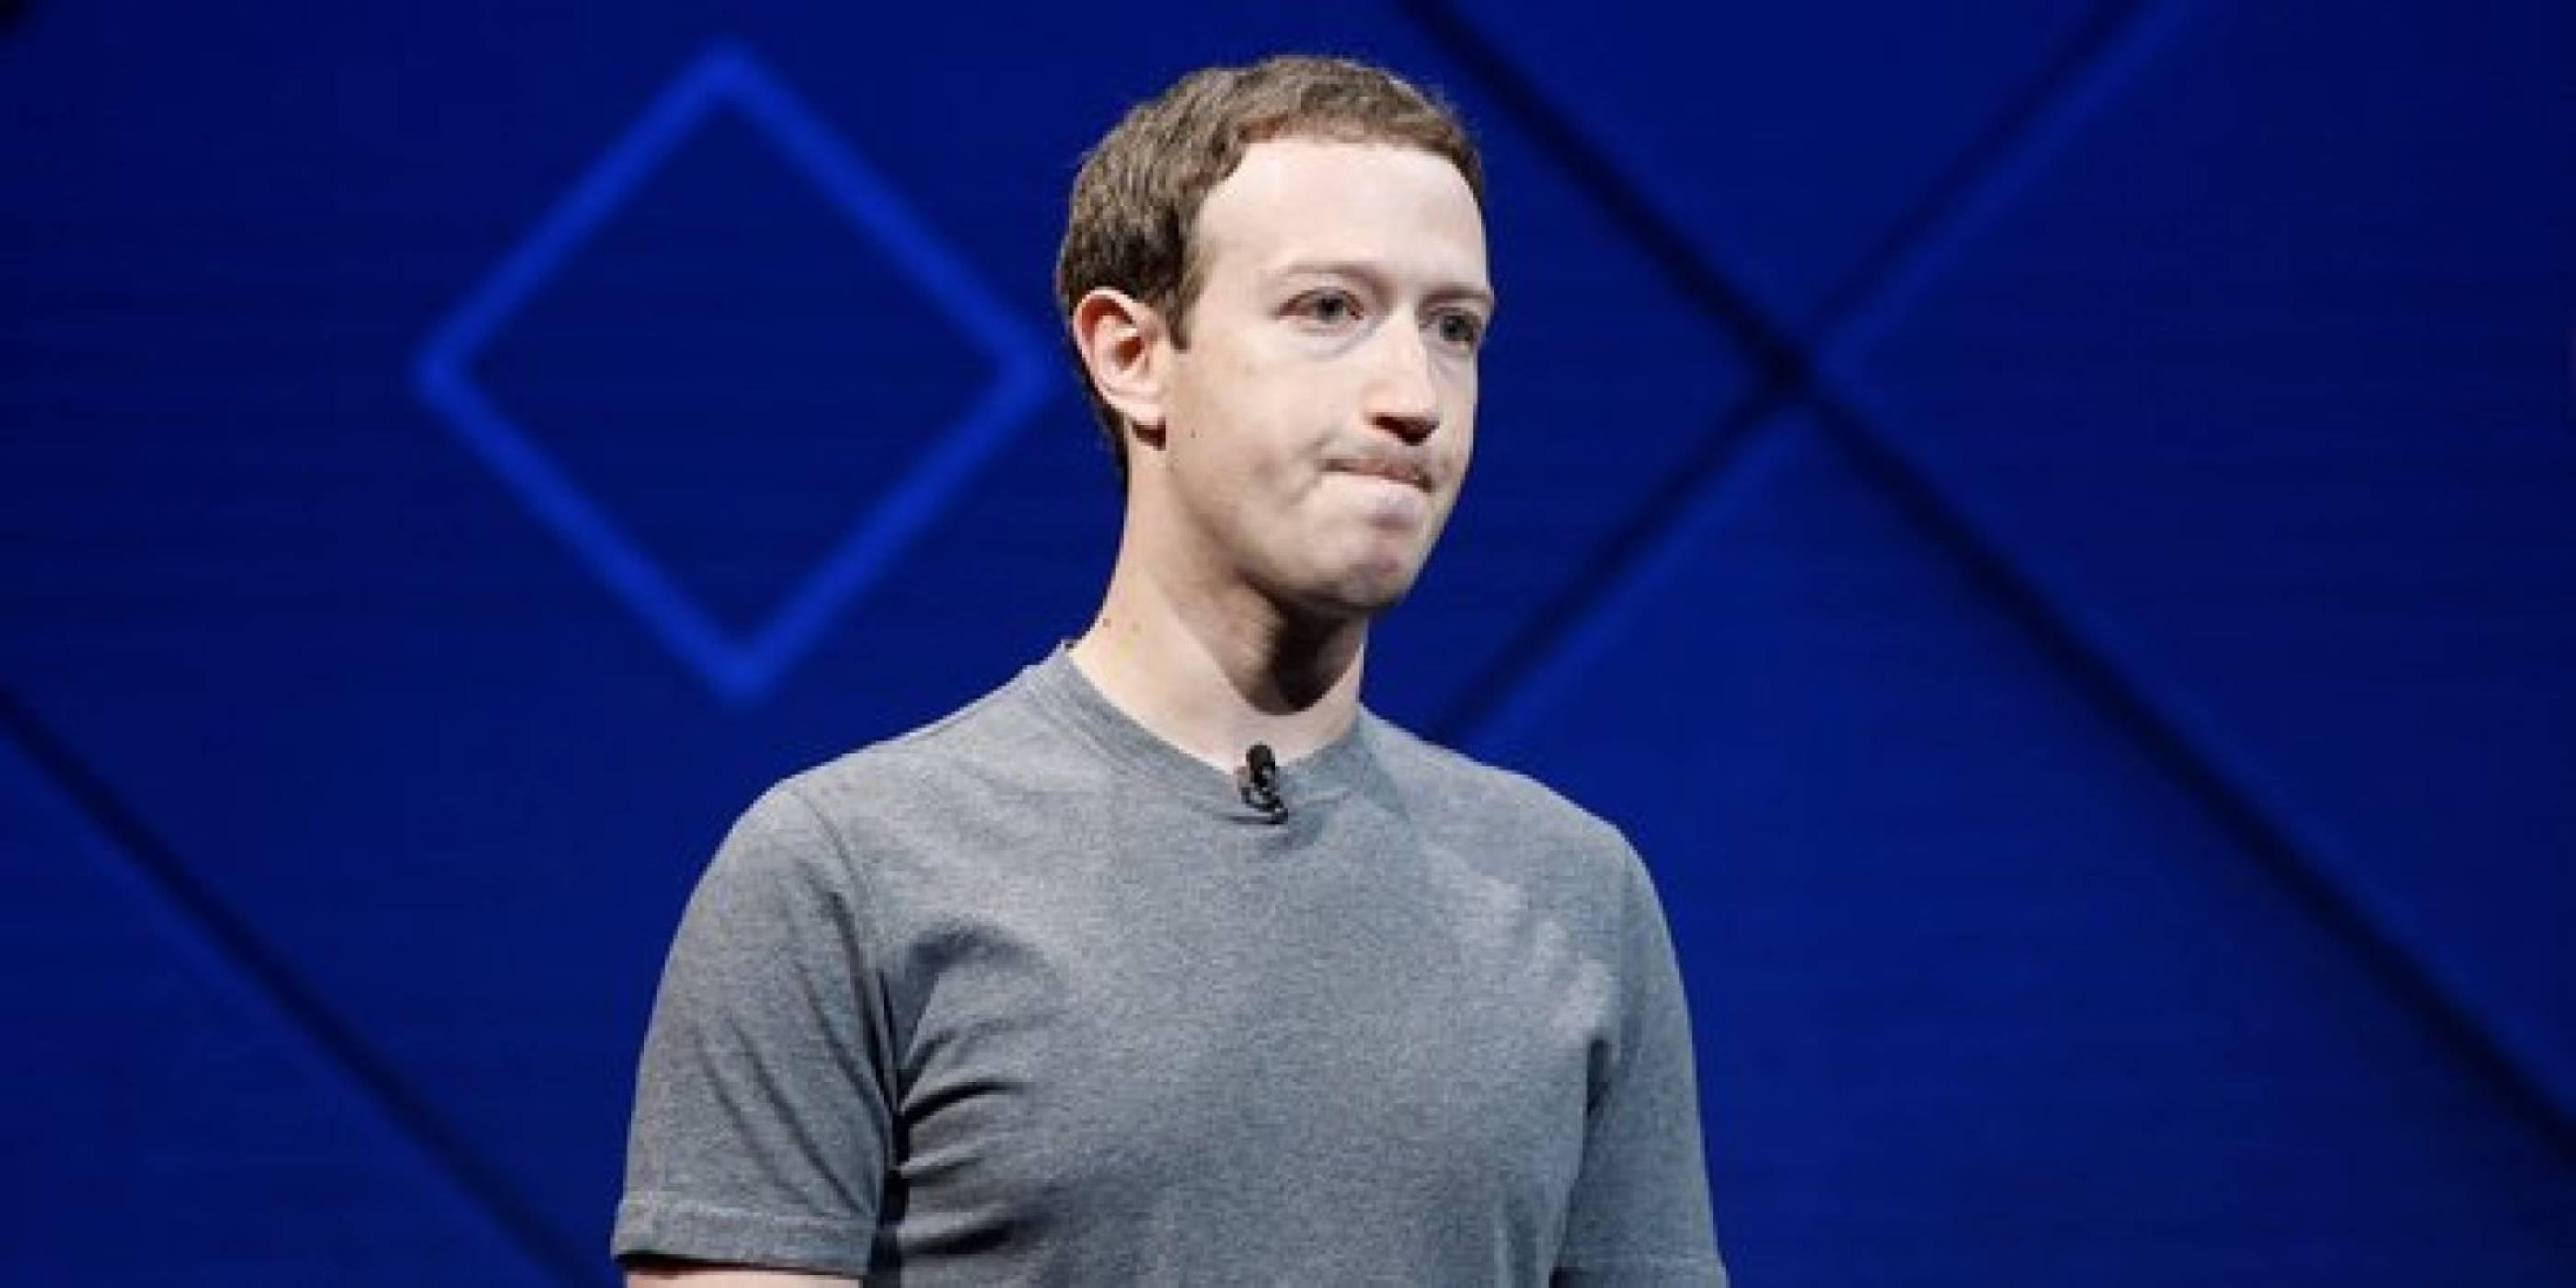 От четвъртия опит: Марк Зукърбърг ще отговаря лично на въпроси в Лондон